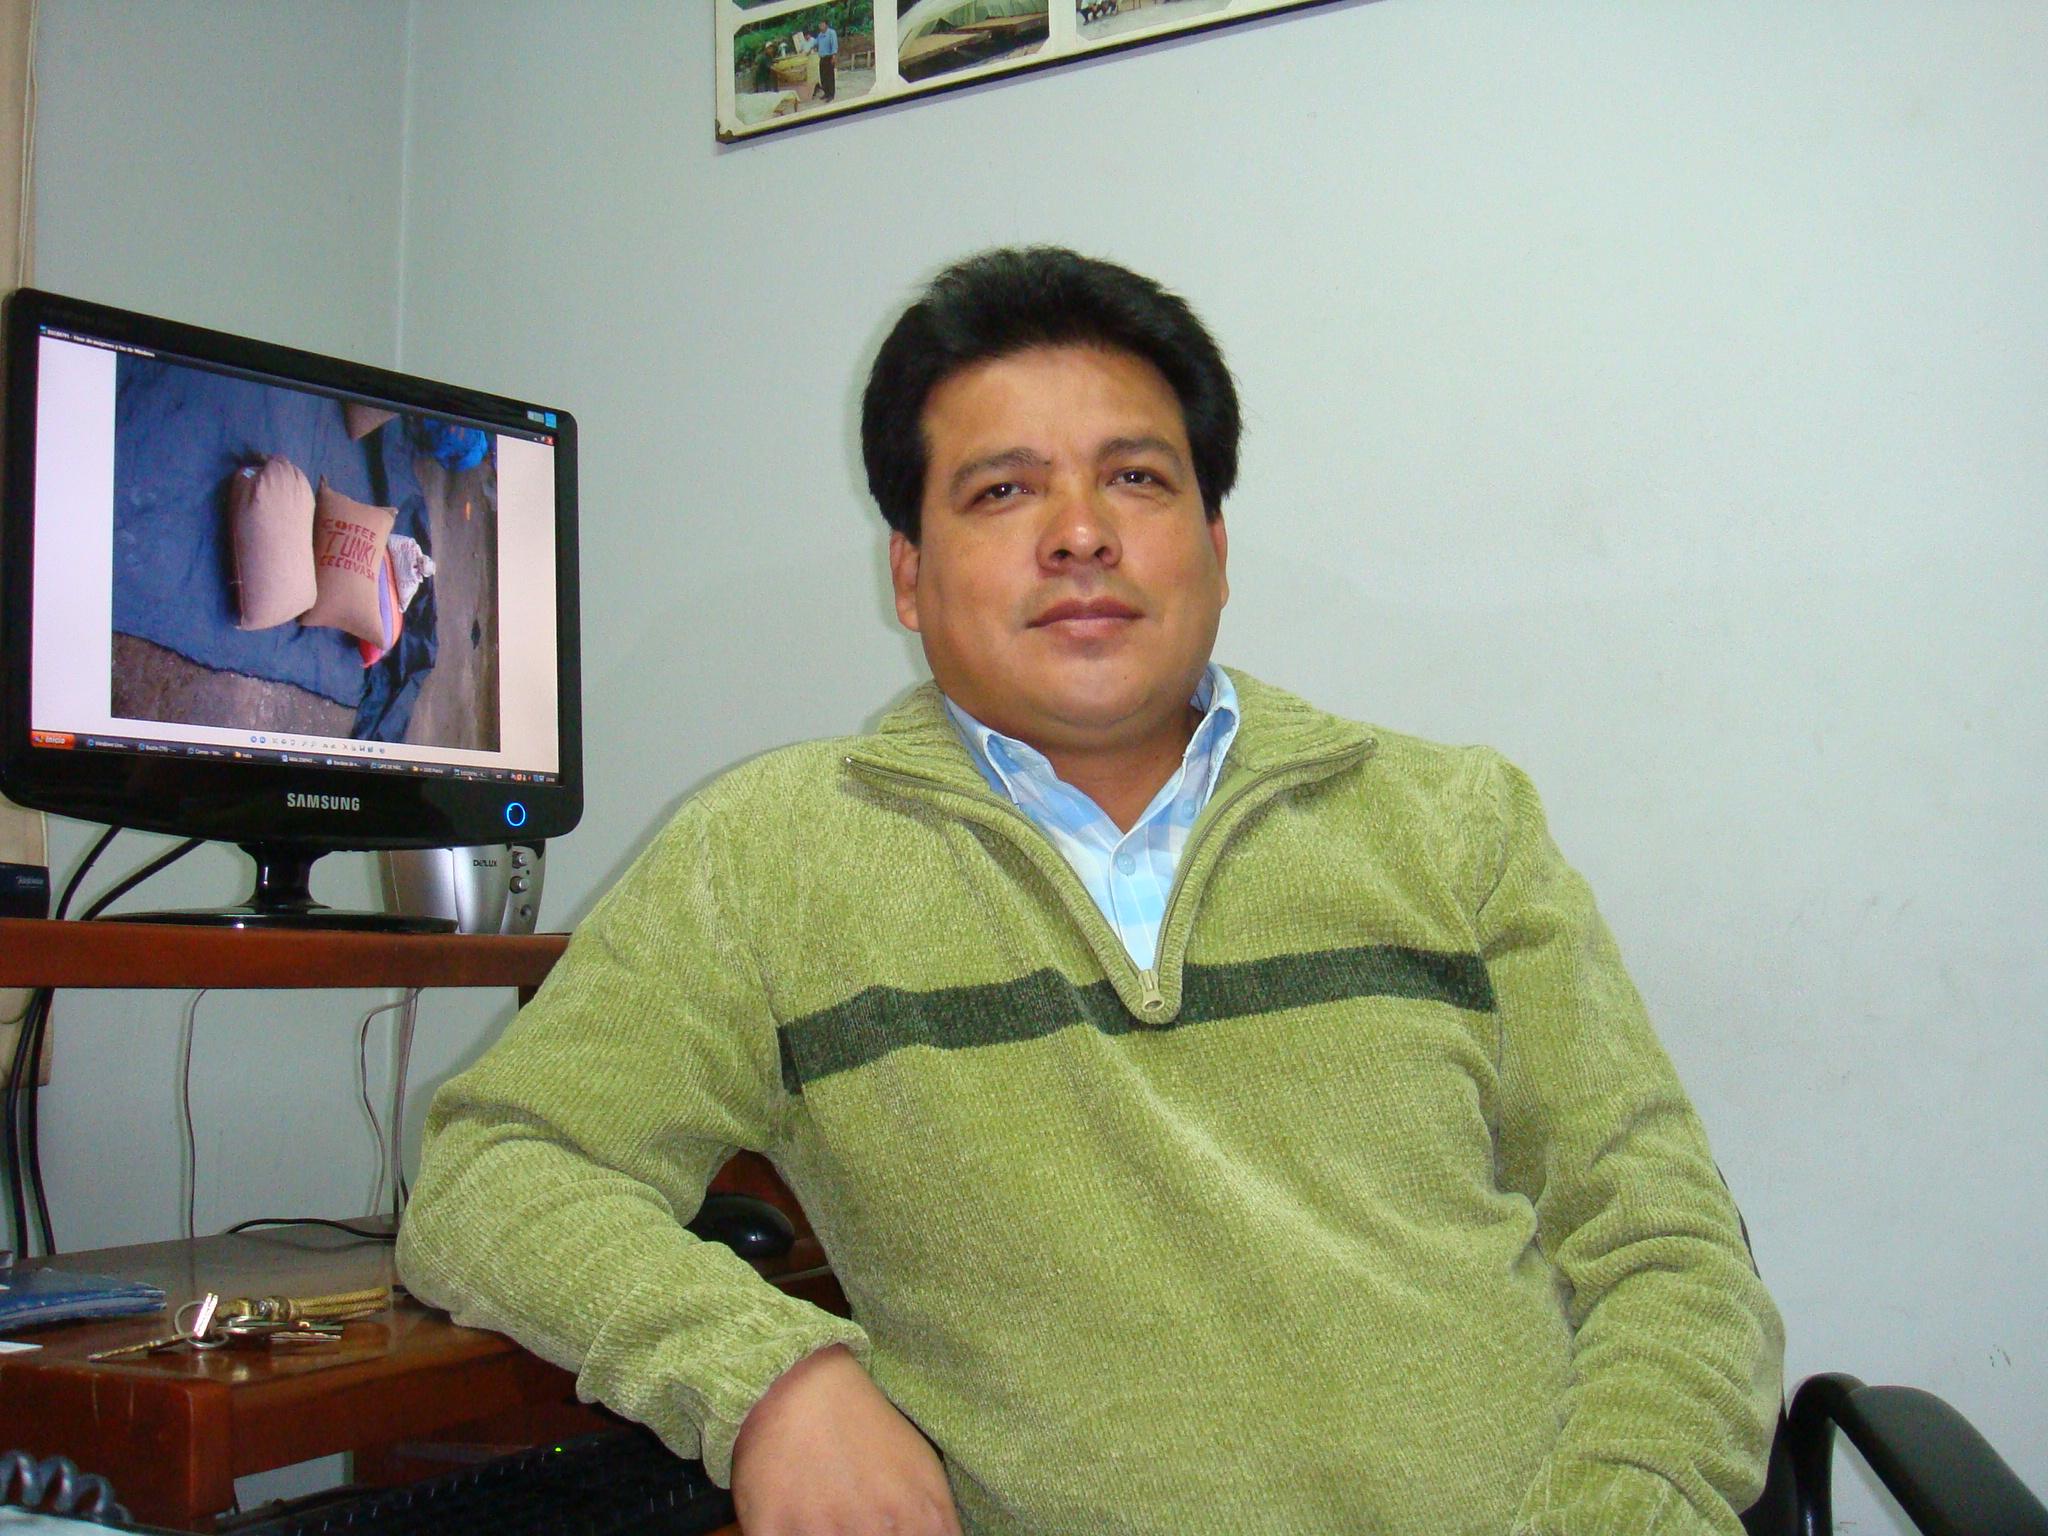 Miguel Angel Paz López